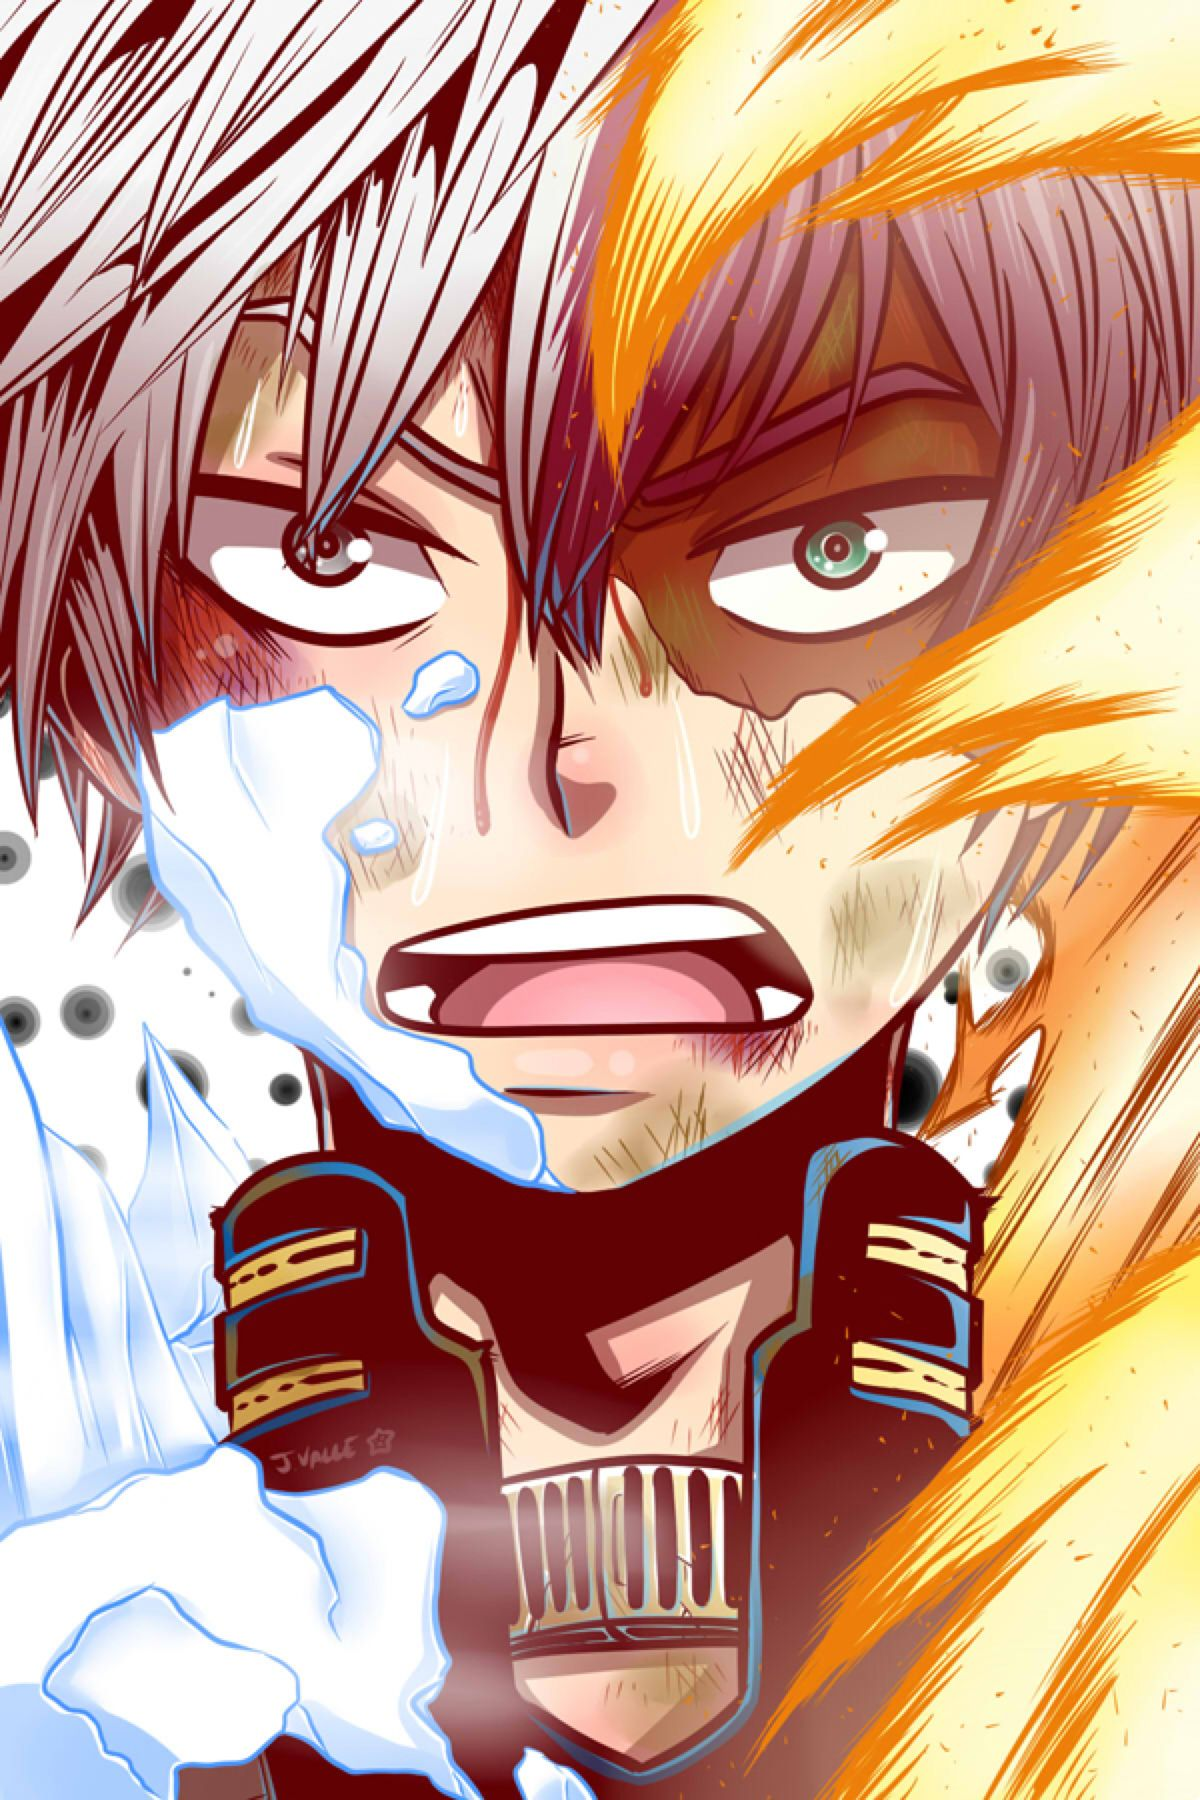 Boku no hero academia shouto todoroki by kentaropjj on deviantart boku no hero academia - Boku no hero academia shouto ...